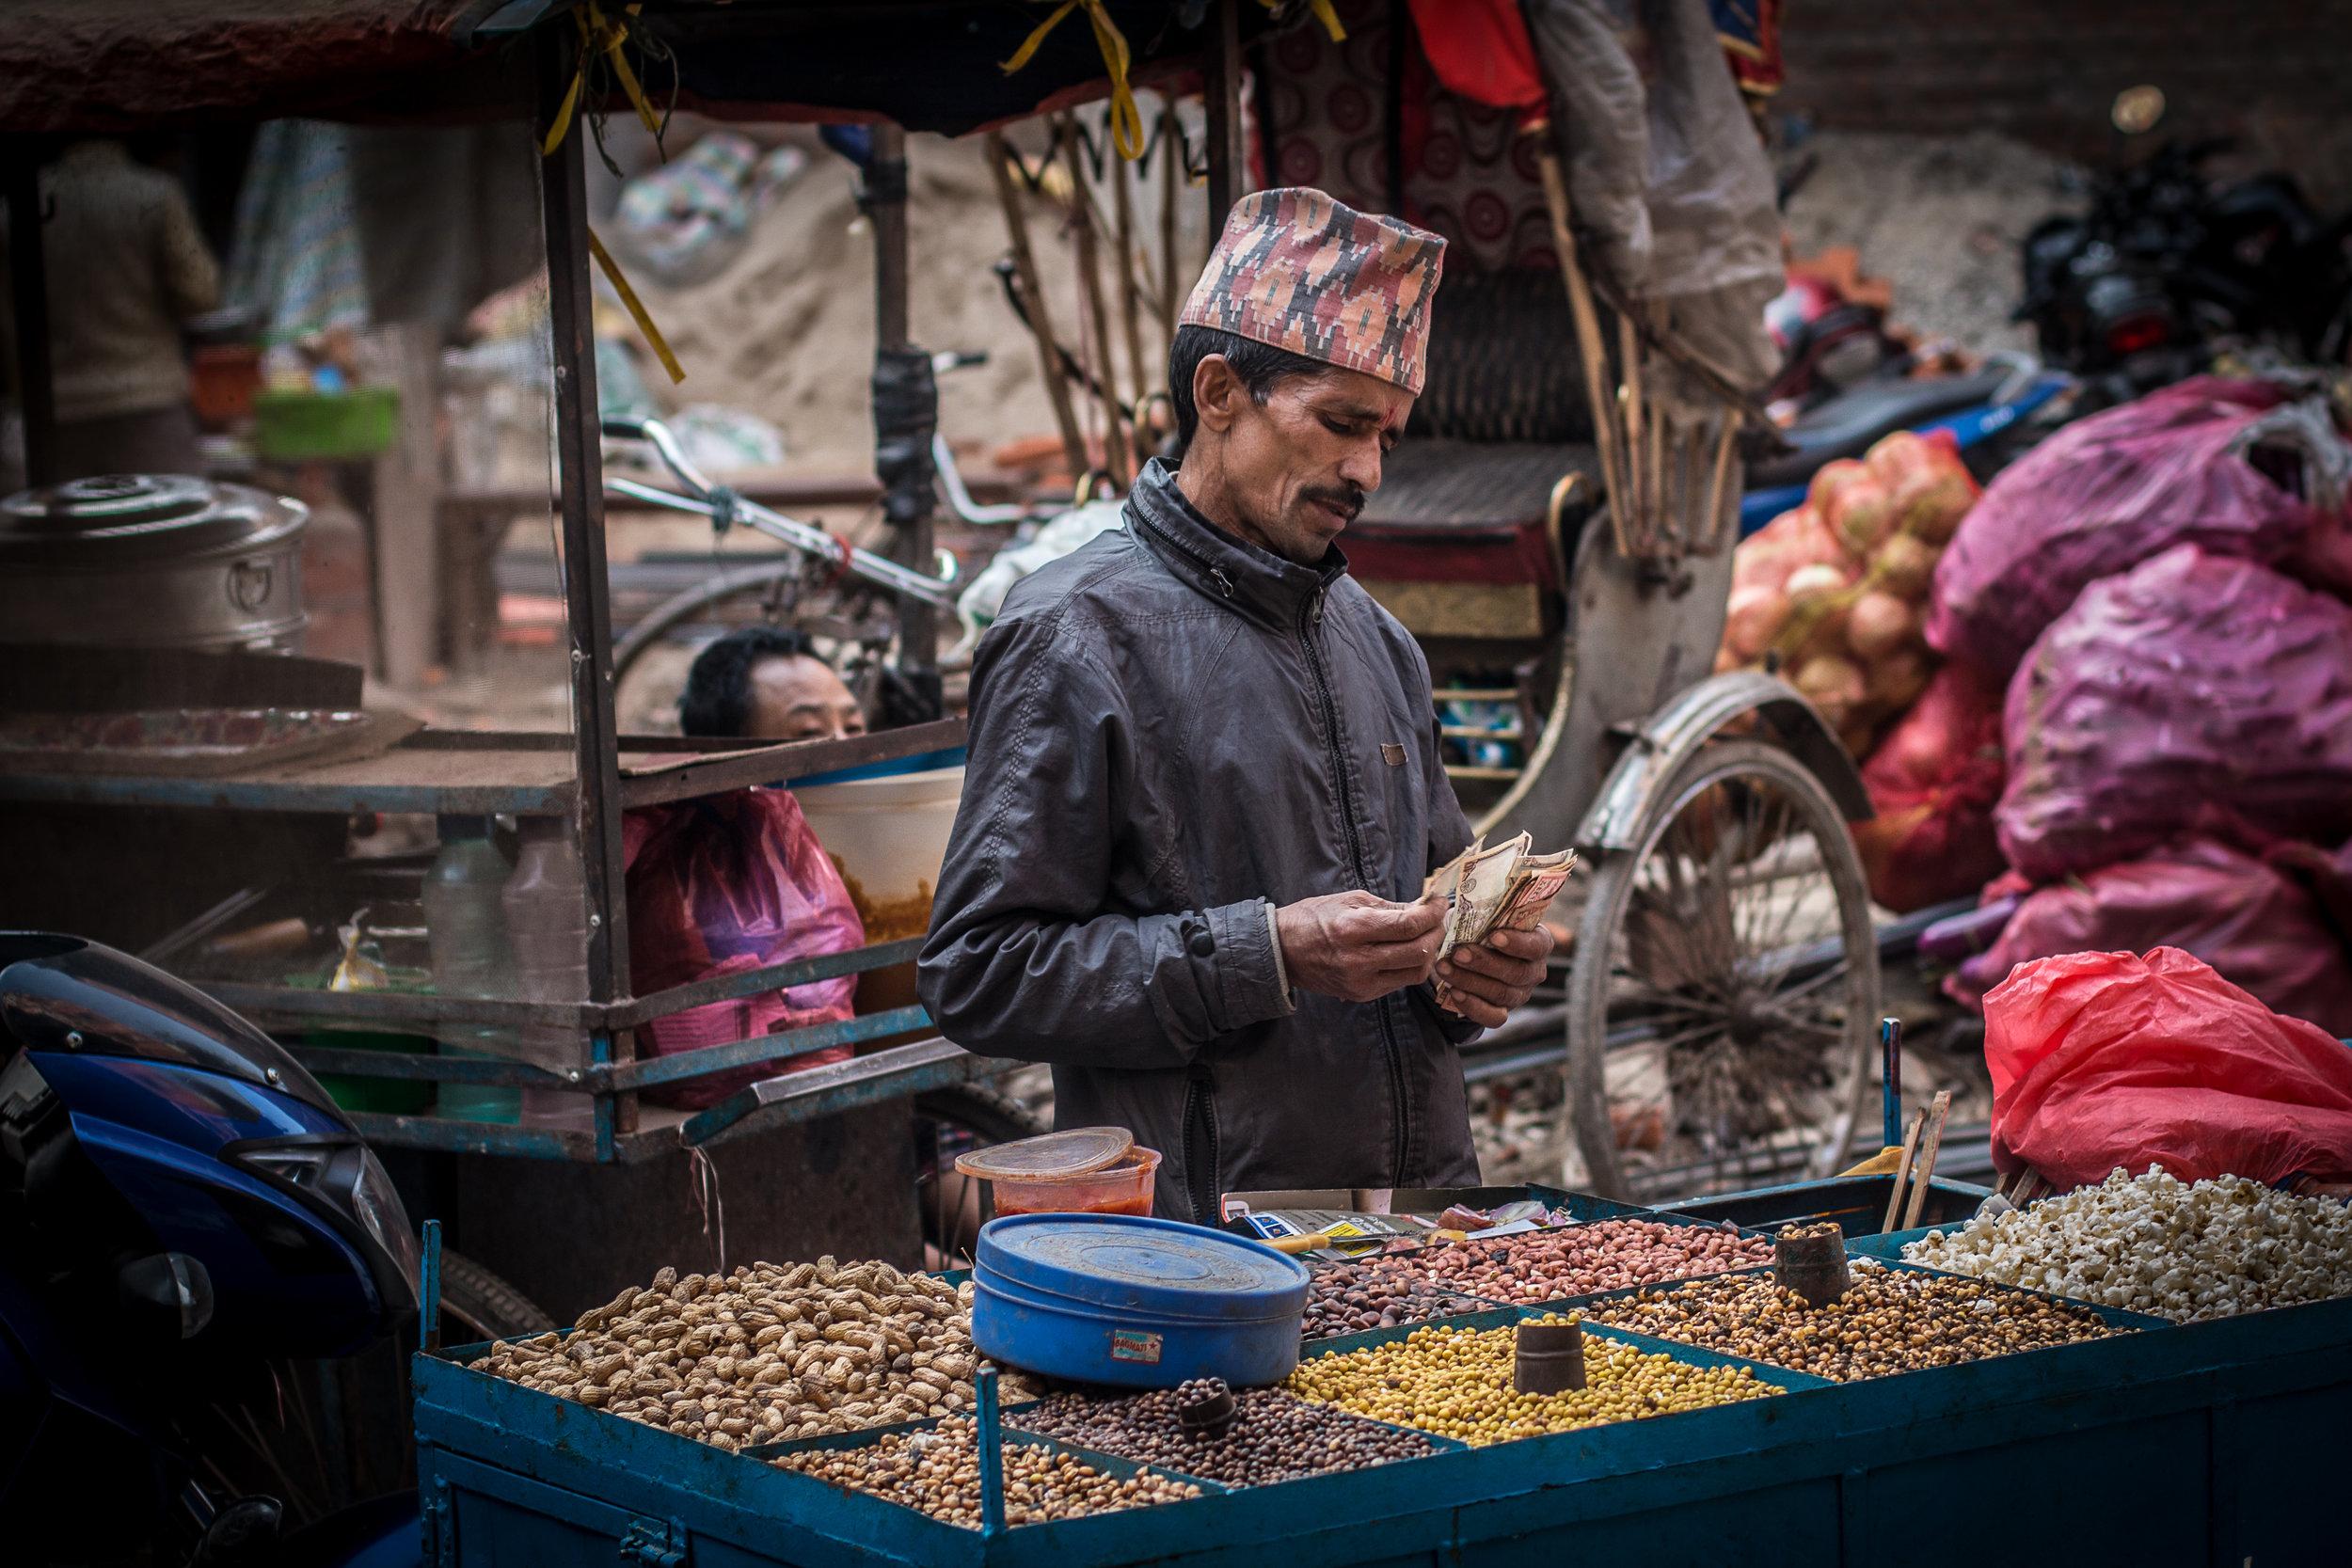 Thamelin syvyyksistä löytyvä paikallinen markkina-alue on hieno mesta. Kaikenlaista myynnissä ja täynnä paikallisia.